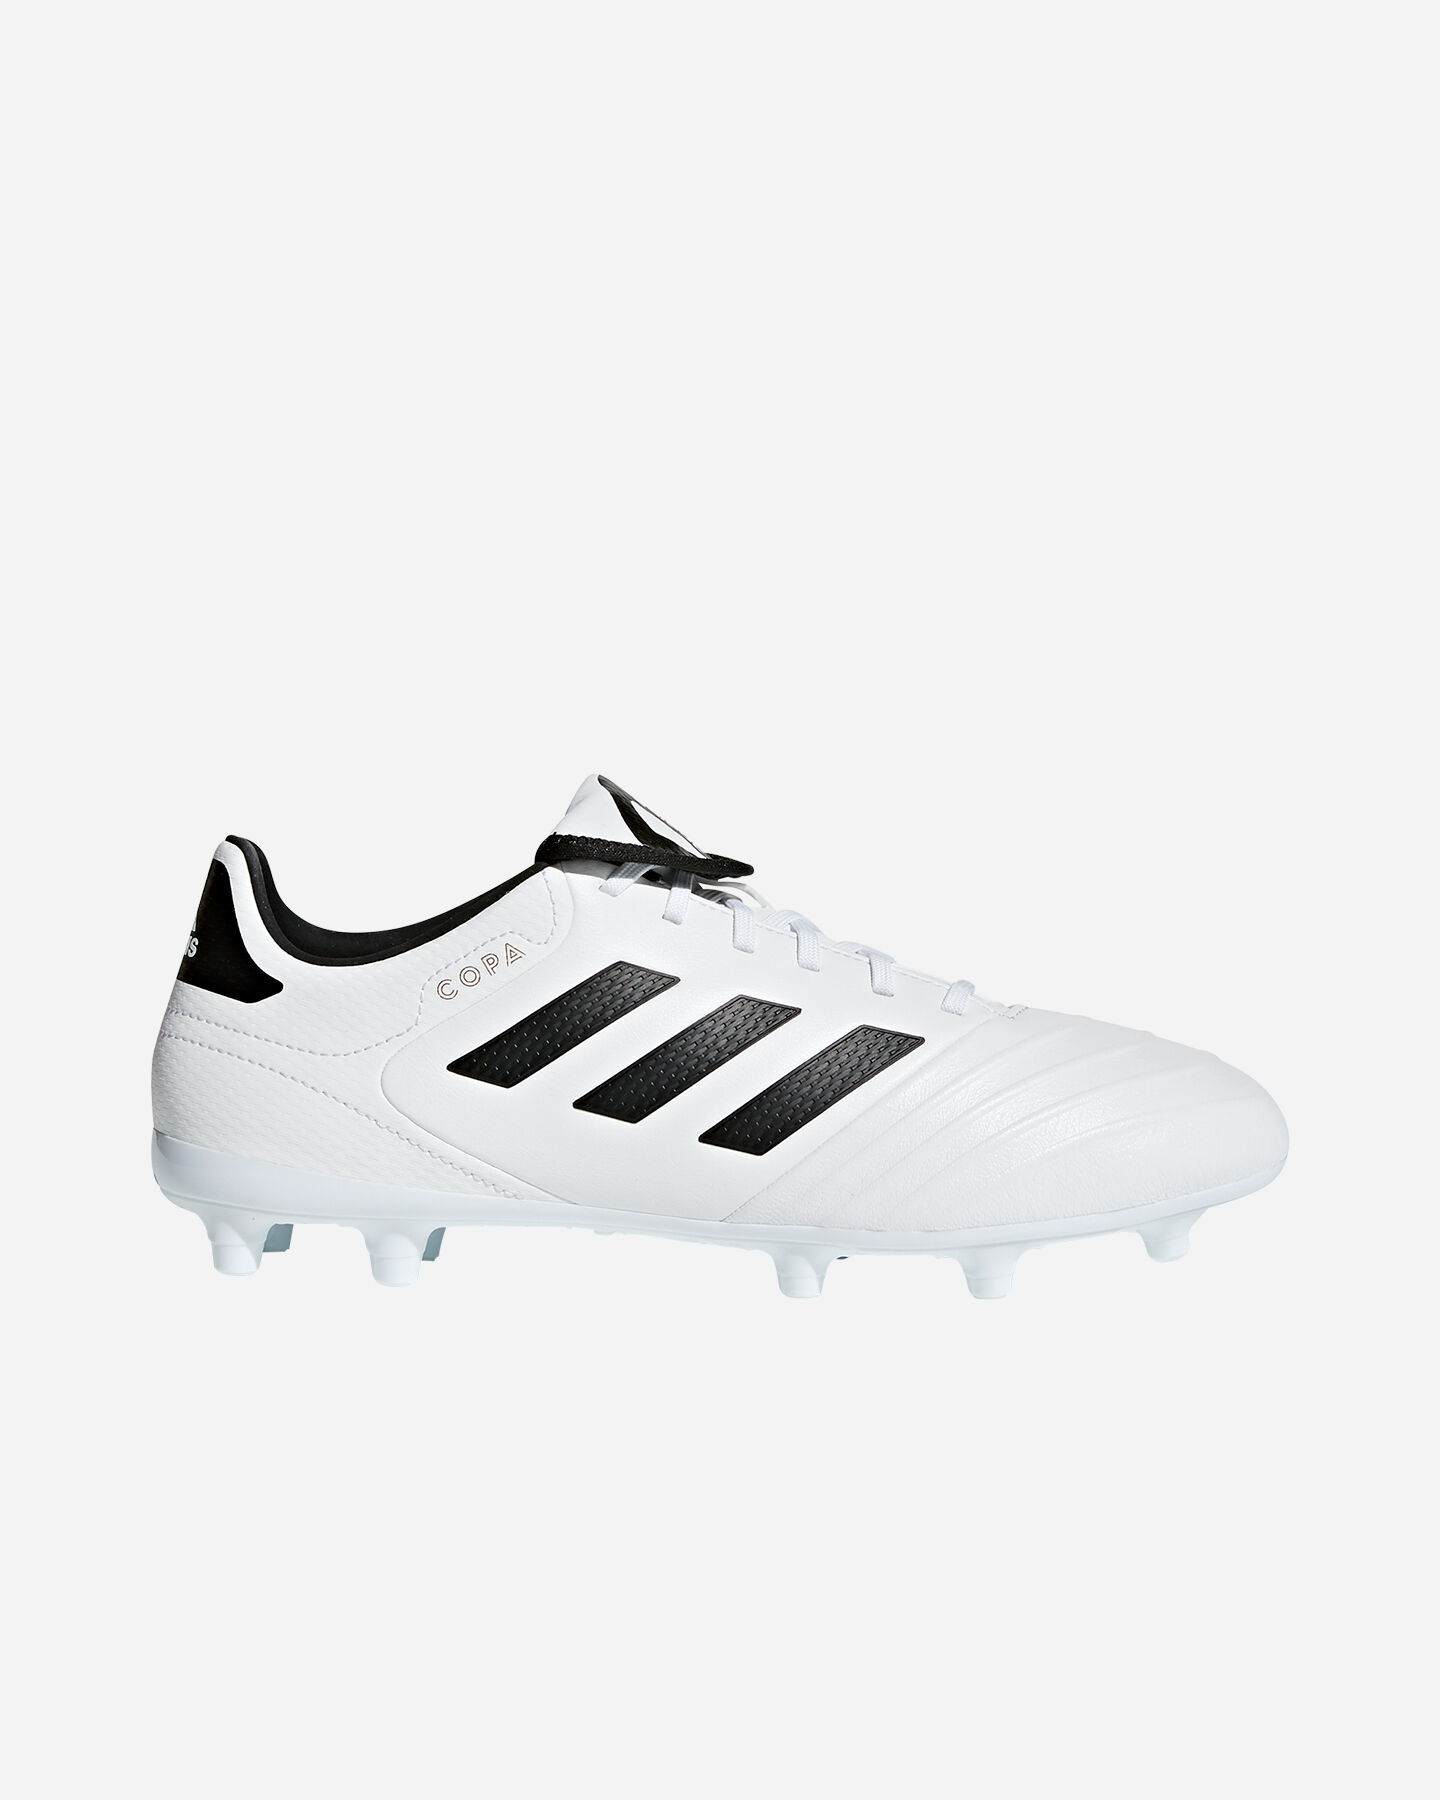 Acquista 2 OFF QUALSIASI cisalfa scarpe adidas CASE E